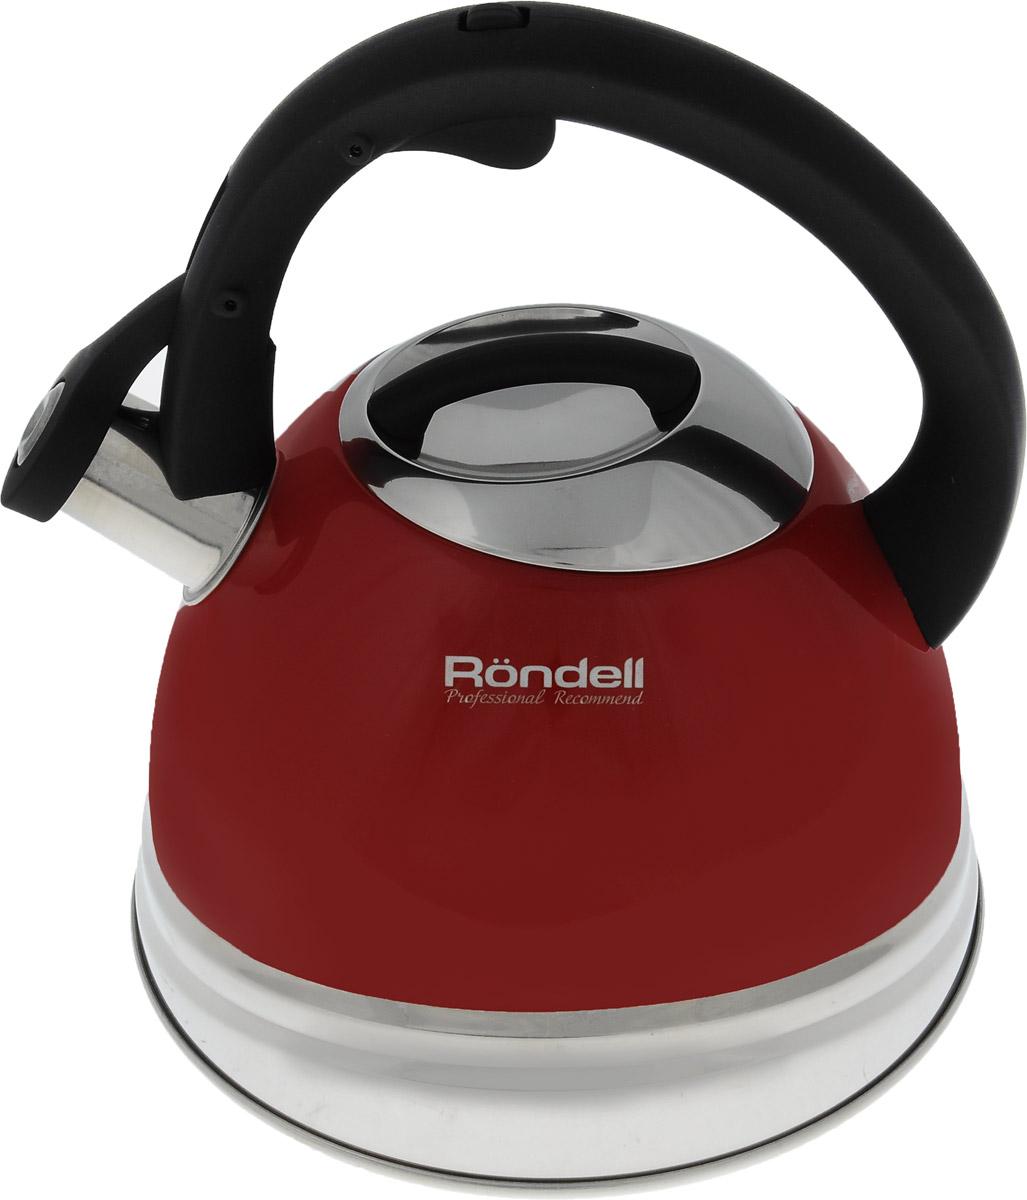 Чайник Rondell Fiero, со свистком, 3 лRDS-498Чайник Rondell Fiero изготовлен из высококачественной нержавеющей стали 18/10. Комбинированное покрытие корпуса придает изделию стильный внешний вид. Эмалевая поверхность облегчает уход. Эргономичная фиксированная ручка изготовлена из бакелита с покрытием Soft-Touch. Чайник оснащен свистком, который громким сигналом оповестит о закипании воды. Свисток открывается нажатием кнопки на рукоятке. Подходит для всех типов плит, включая индукционные. Можно мыть в посудомоечной машине. Диаметр (по верхнему краю): 10 см. Высота (без учета ручки и крышки): 14 см. Высота (с учетом ручки): 23 см.